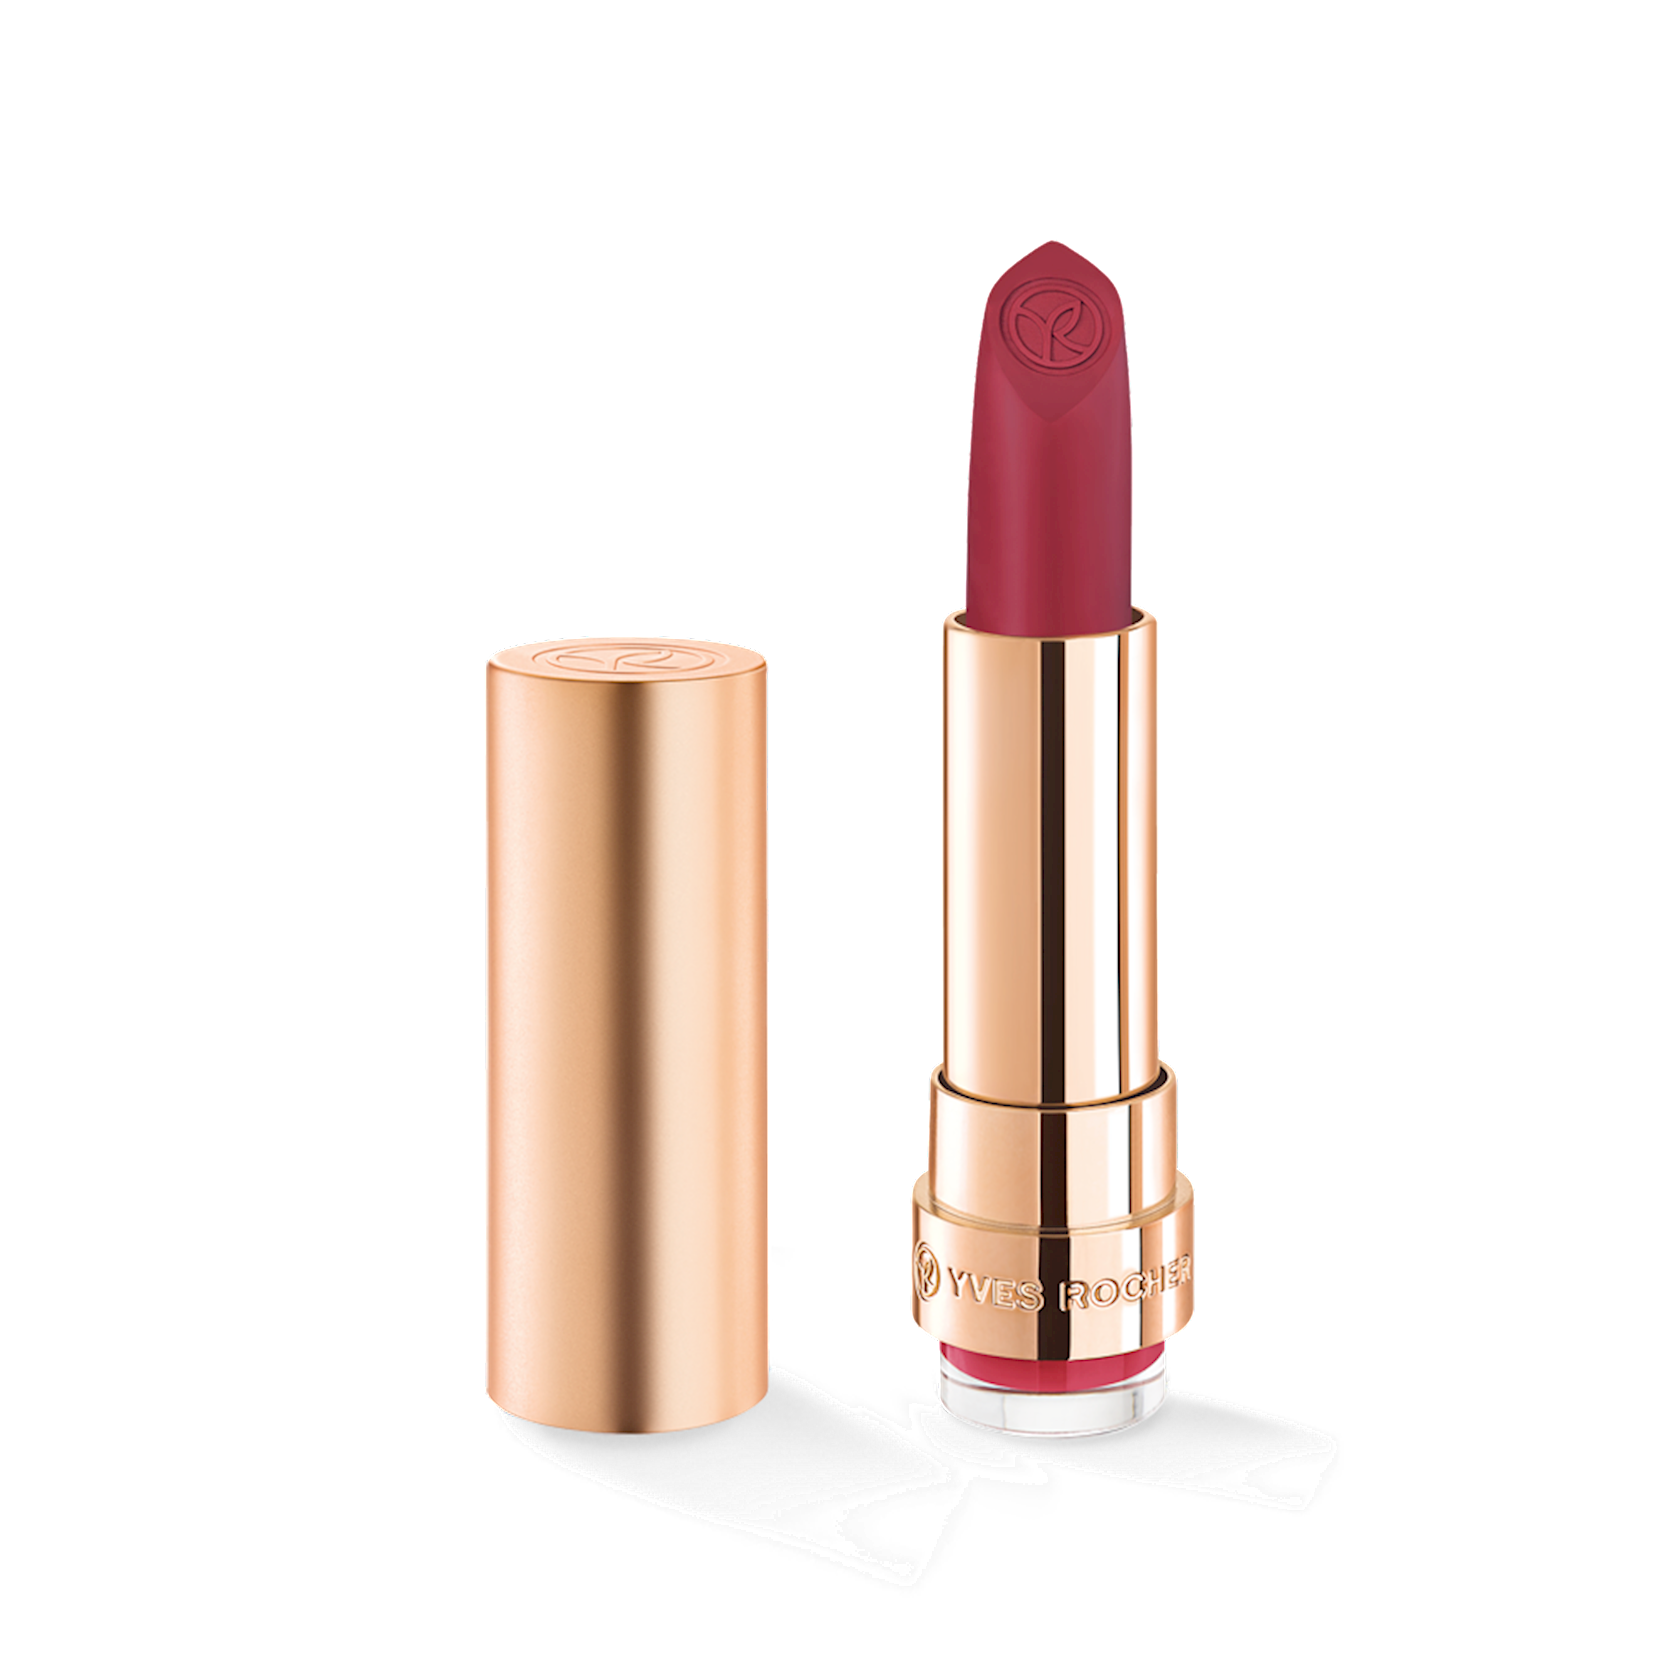 Dodaq üçün pomada Yves Rocher Matte lipstick Yves Rocher Grand Rouge 152. Rose Framboise